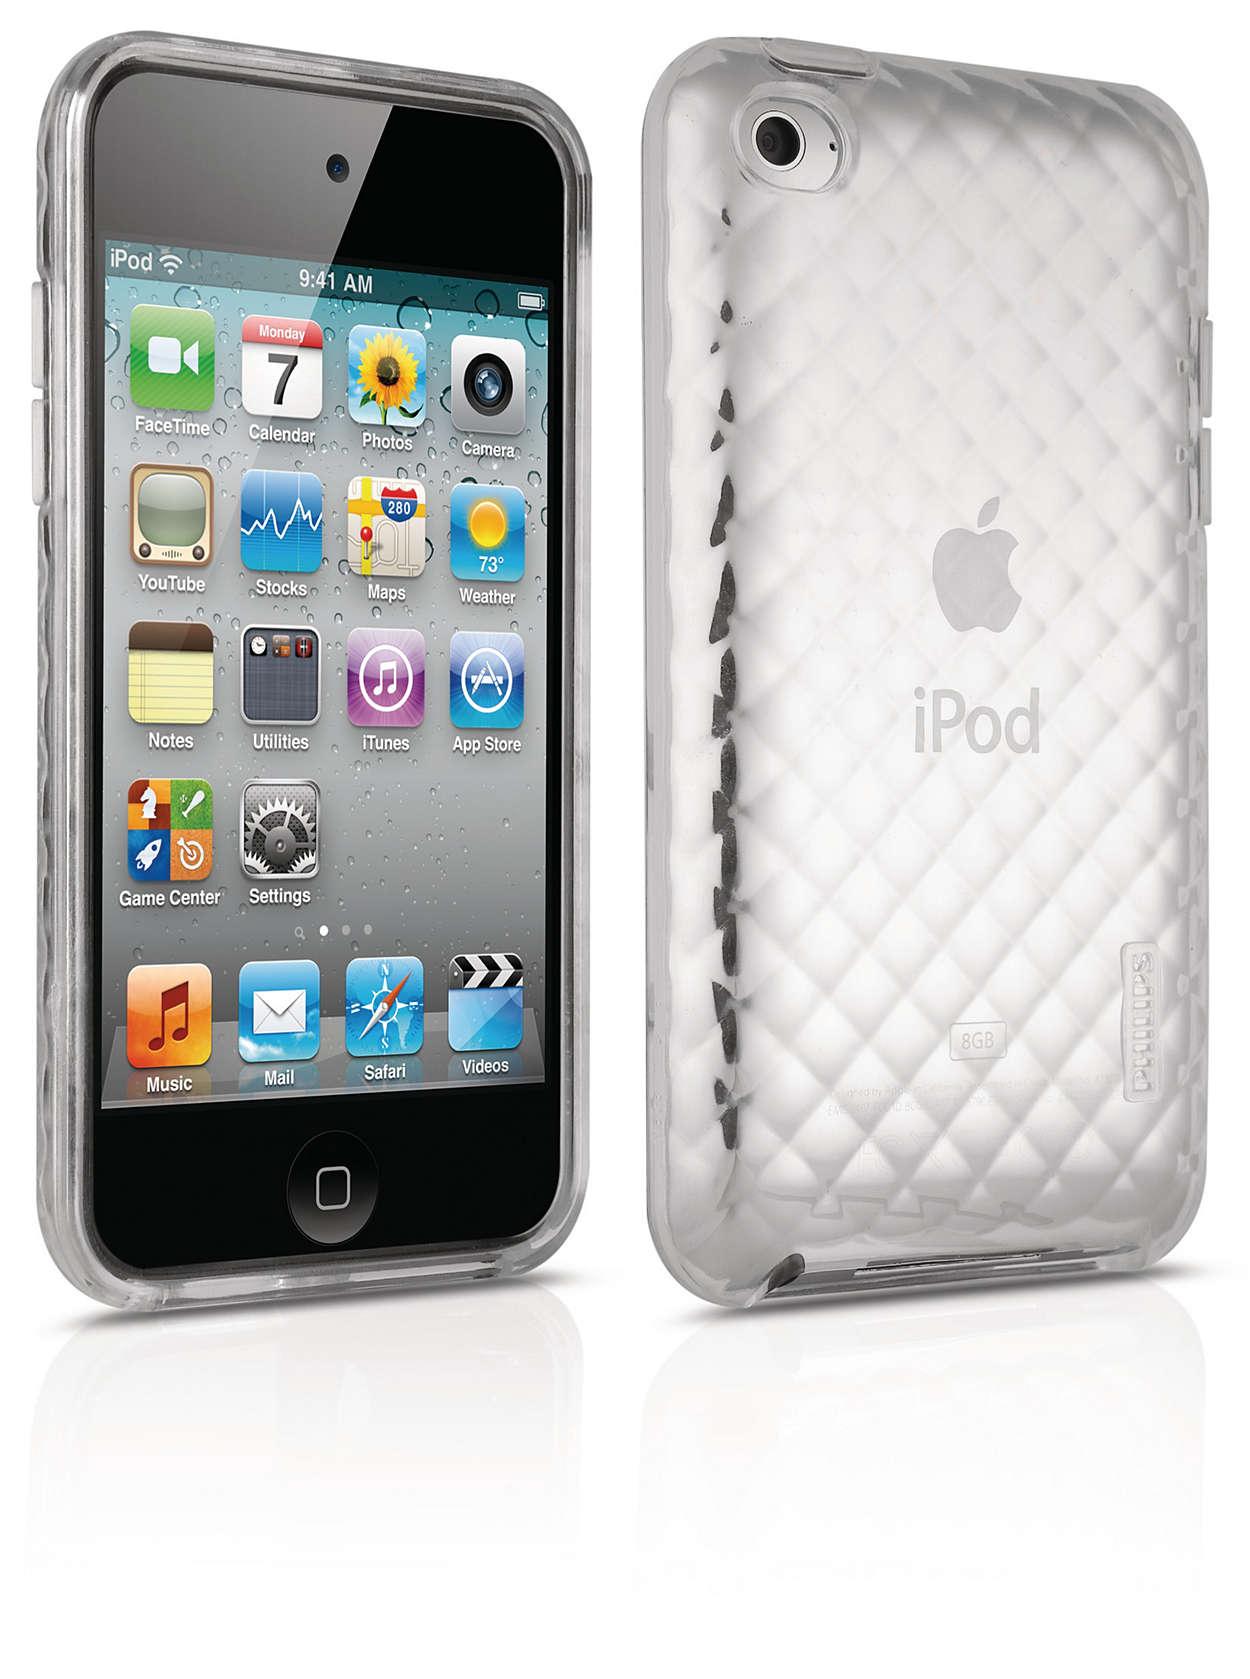 Proteja o seu iPod numa capa flexível